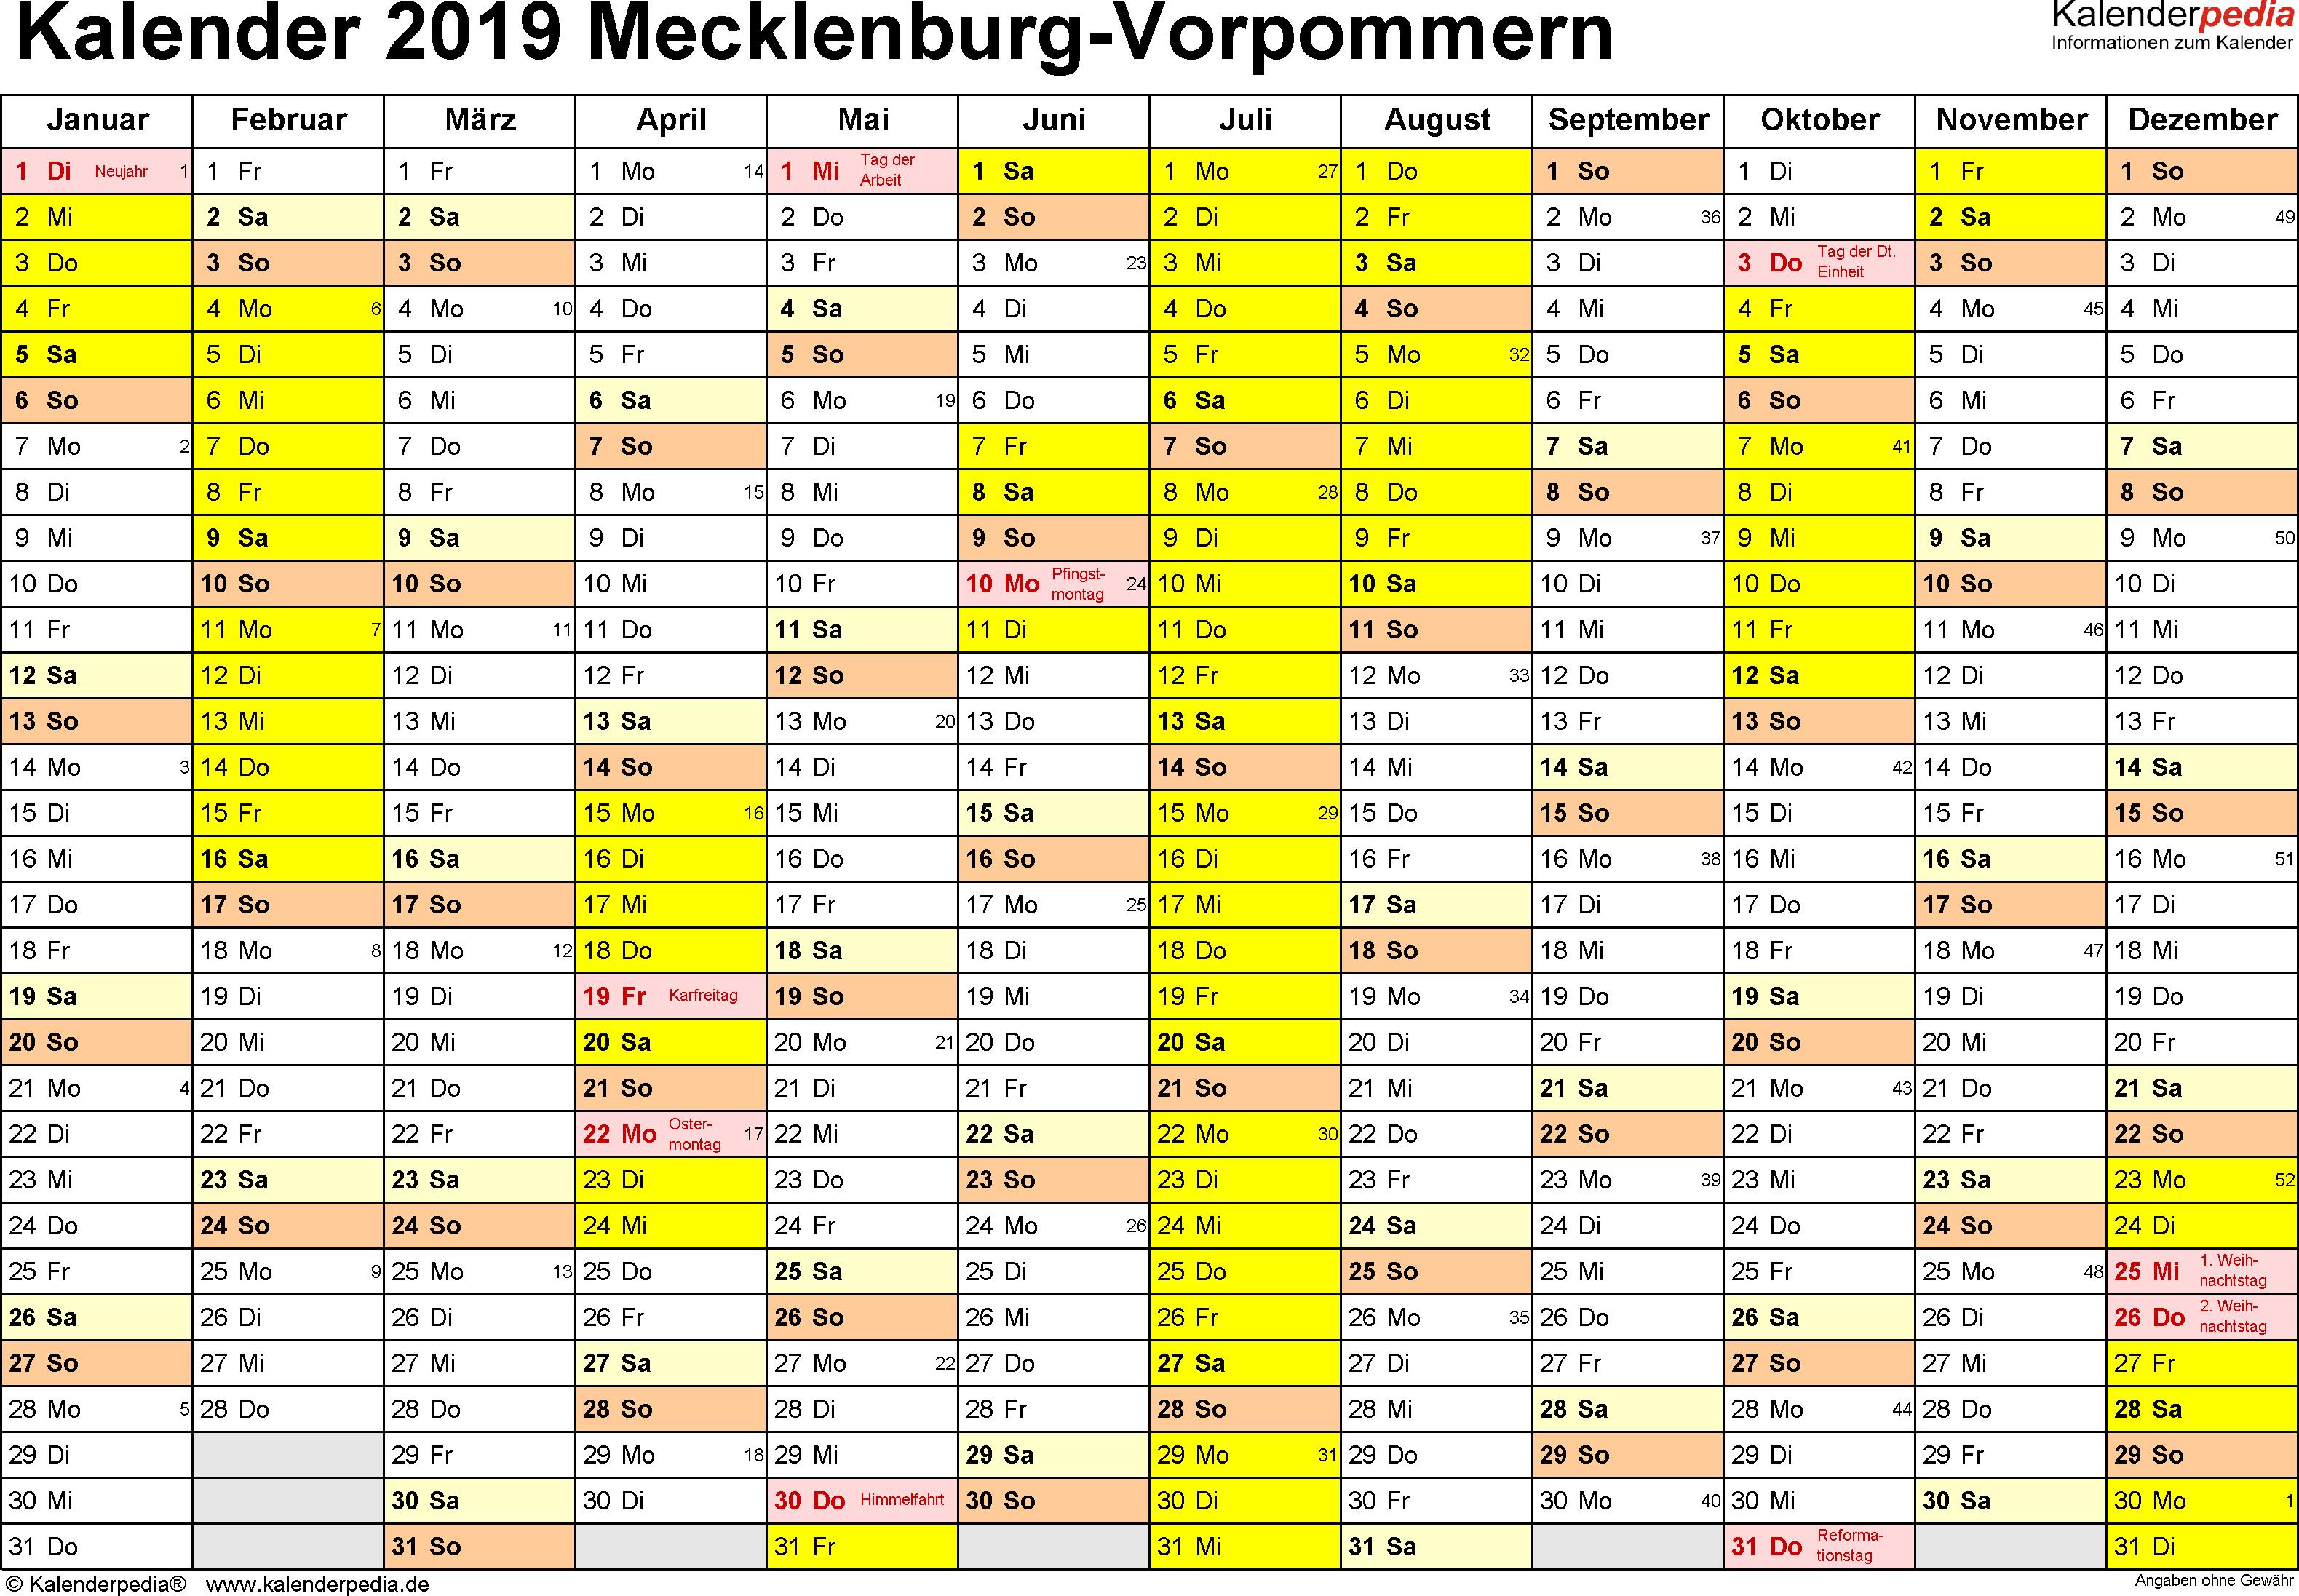 Vorlage 1: Kalender 2019 für Mecklenburg-Vorpommern als Excel-Vorlagen (Querformat, 1 Seite)